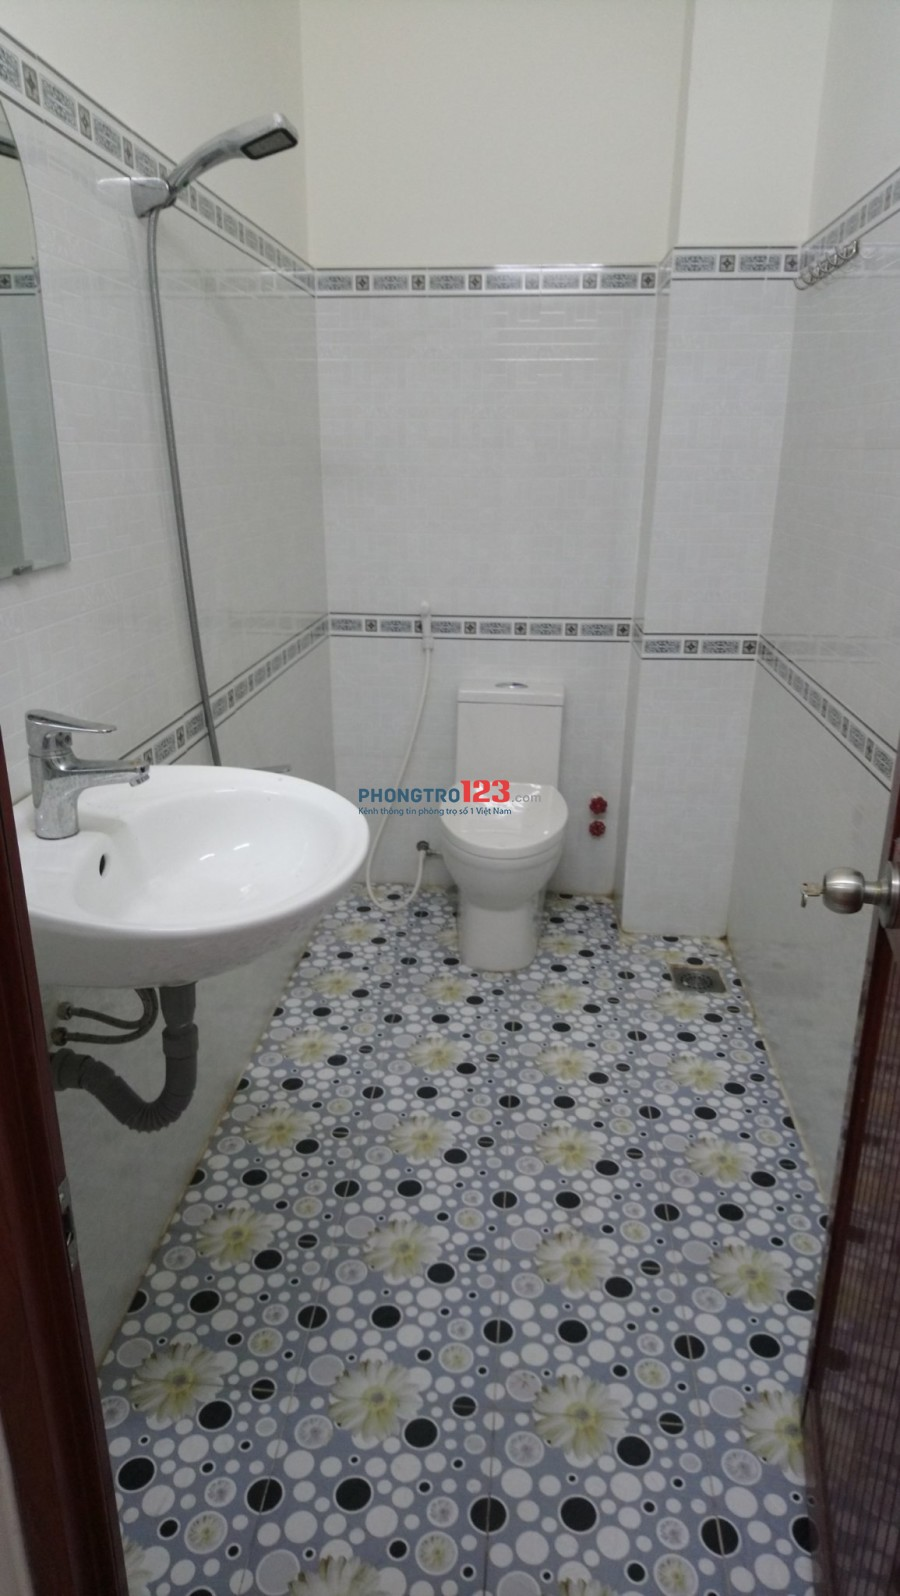 Phòng trọ mới sạch đẹp wc riêng, ban công riêng gần ngã tư 4 xã